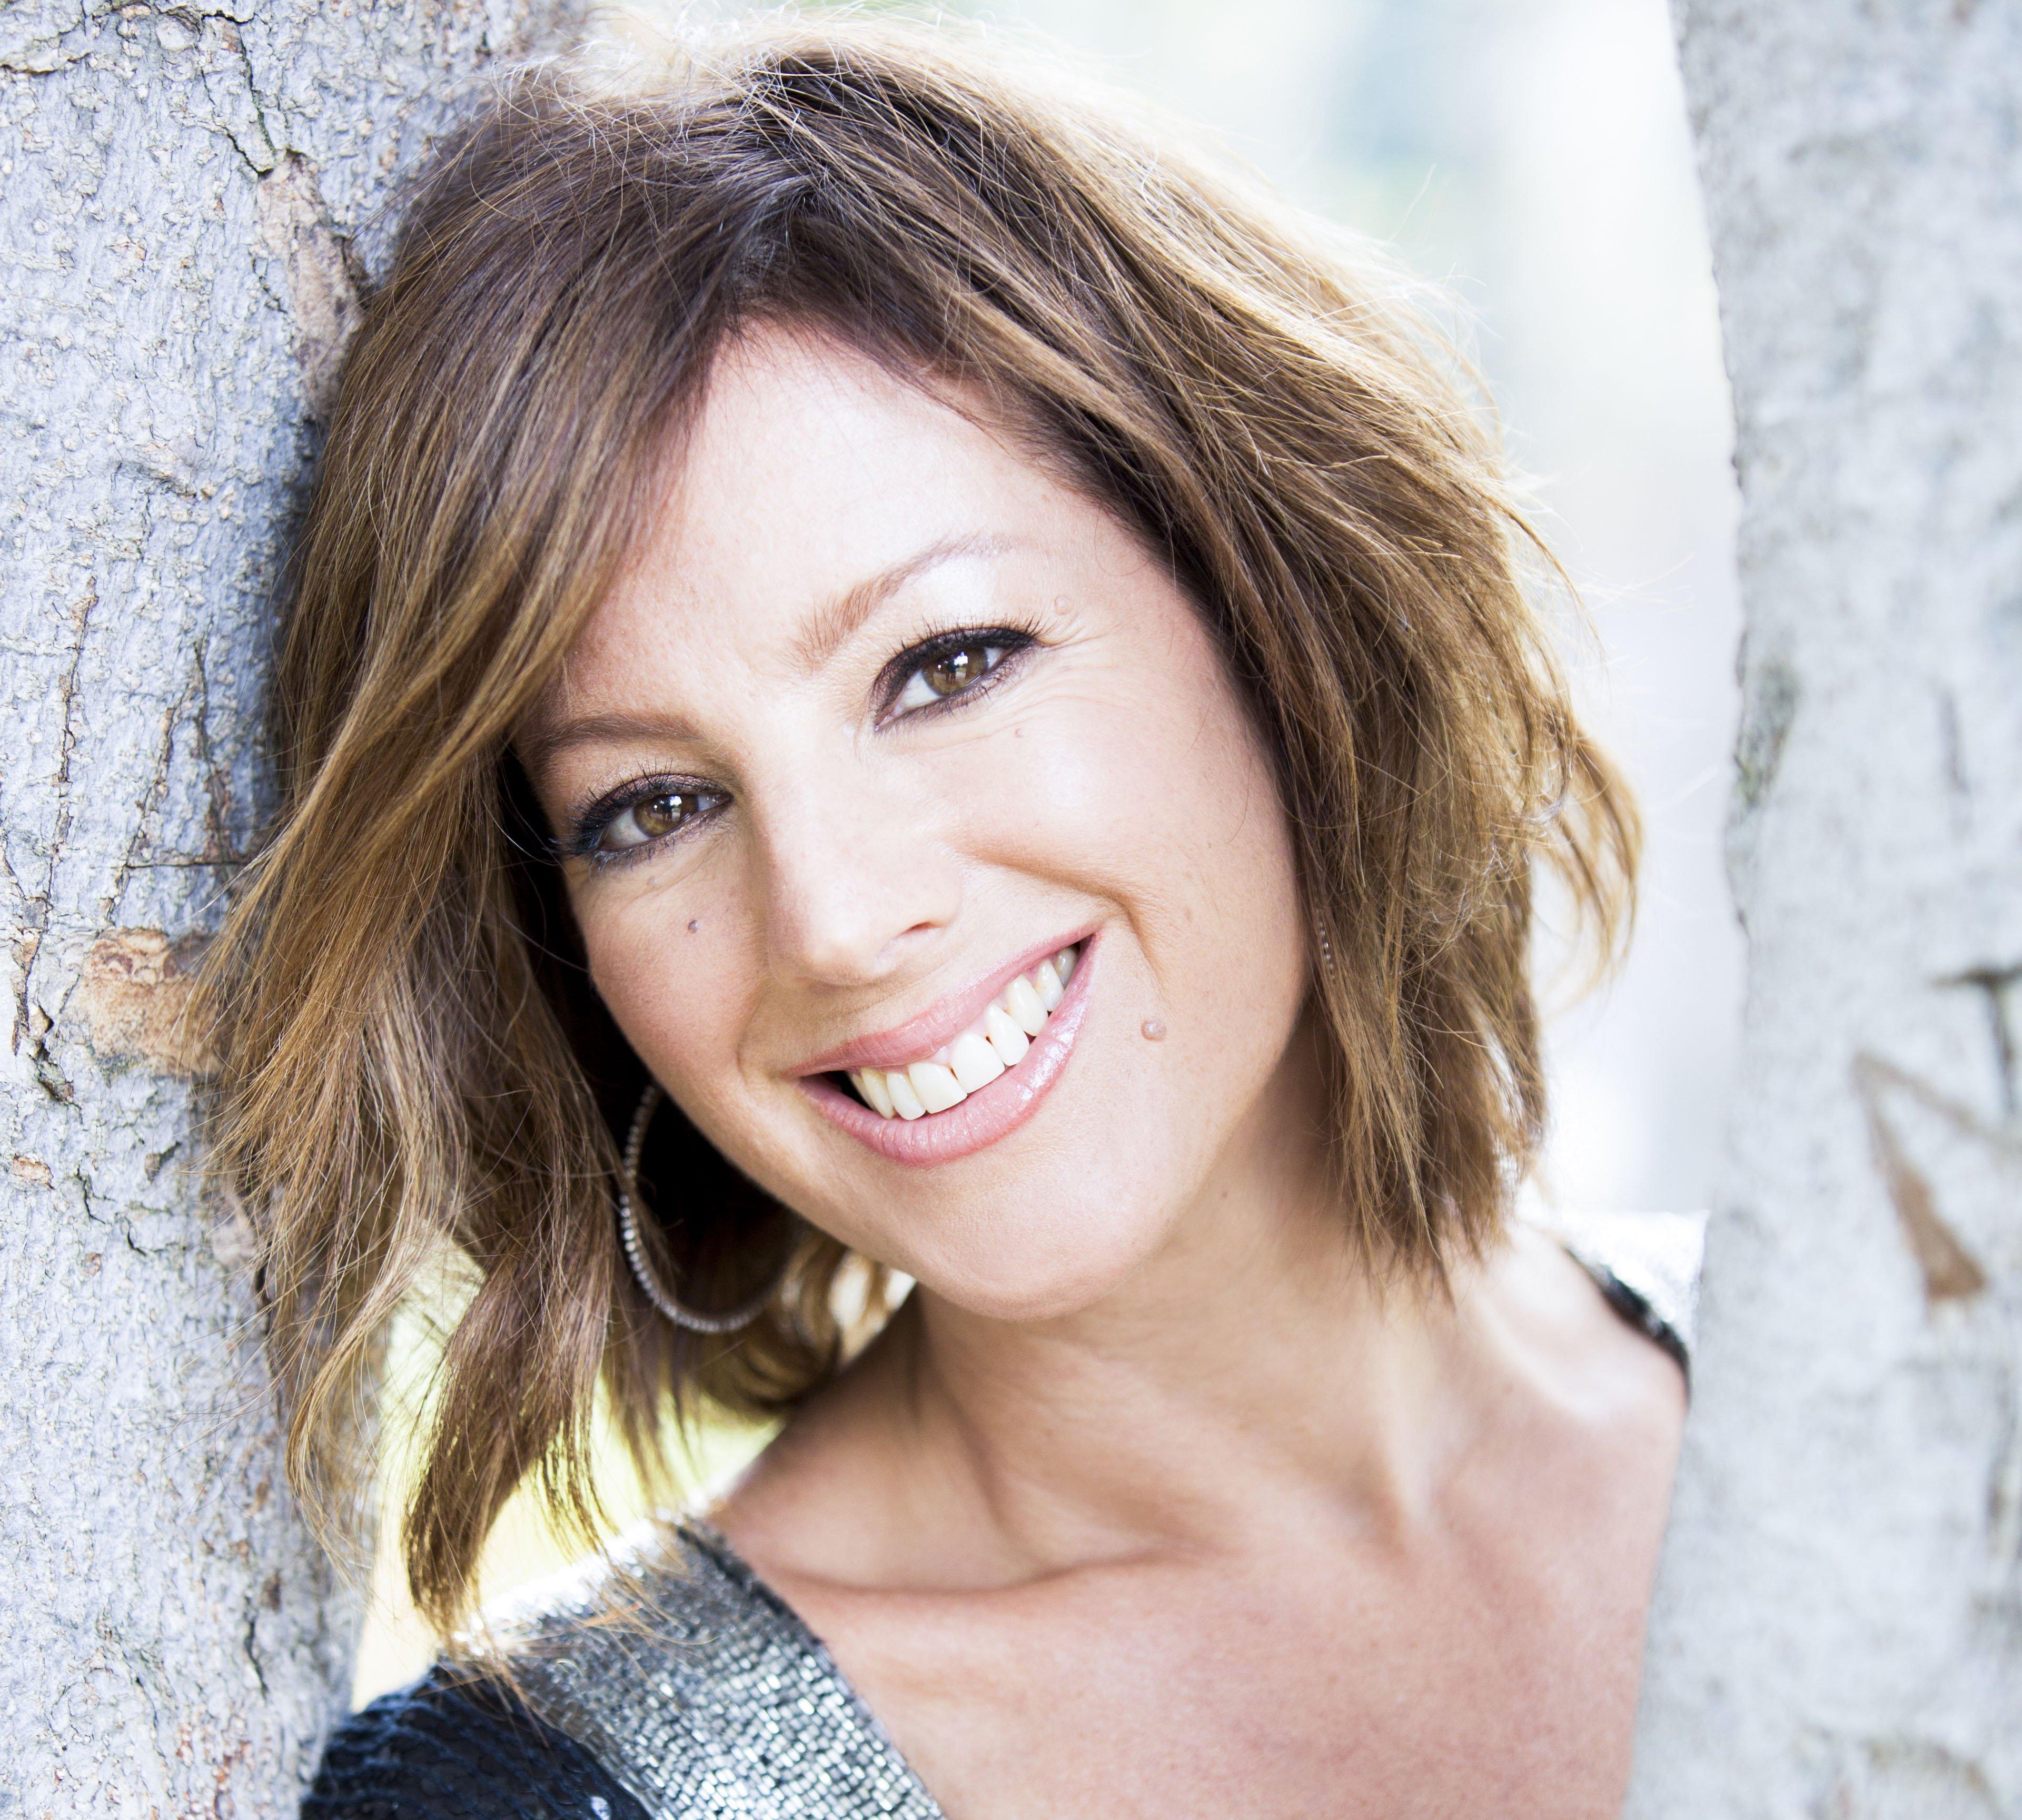 sarah mclachlan lyrics music news and biography metrolyrics